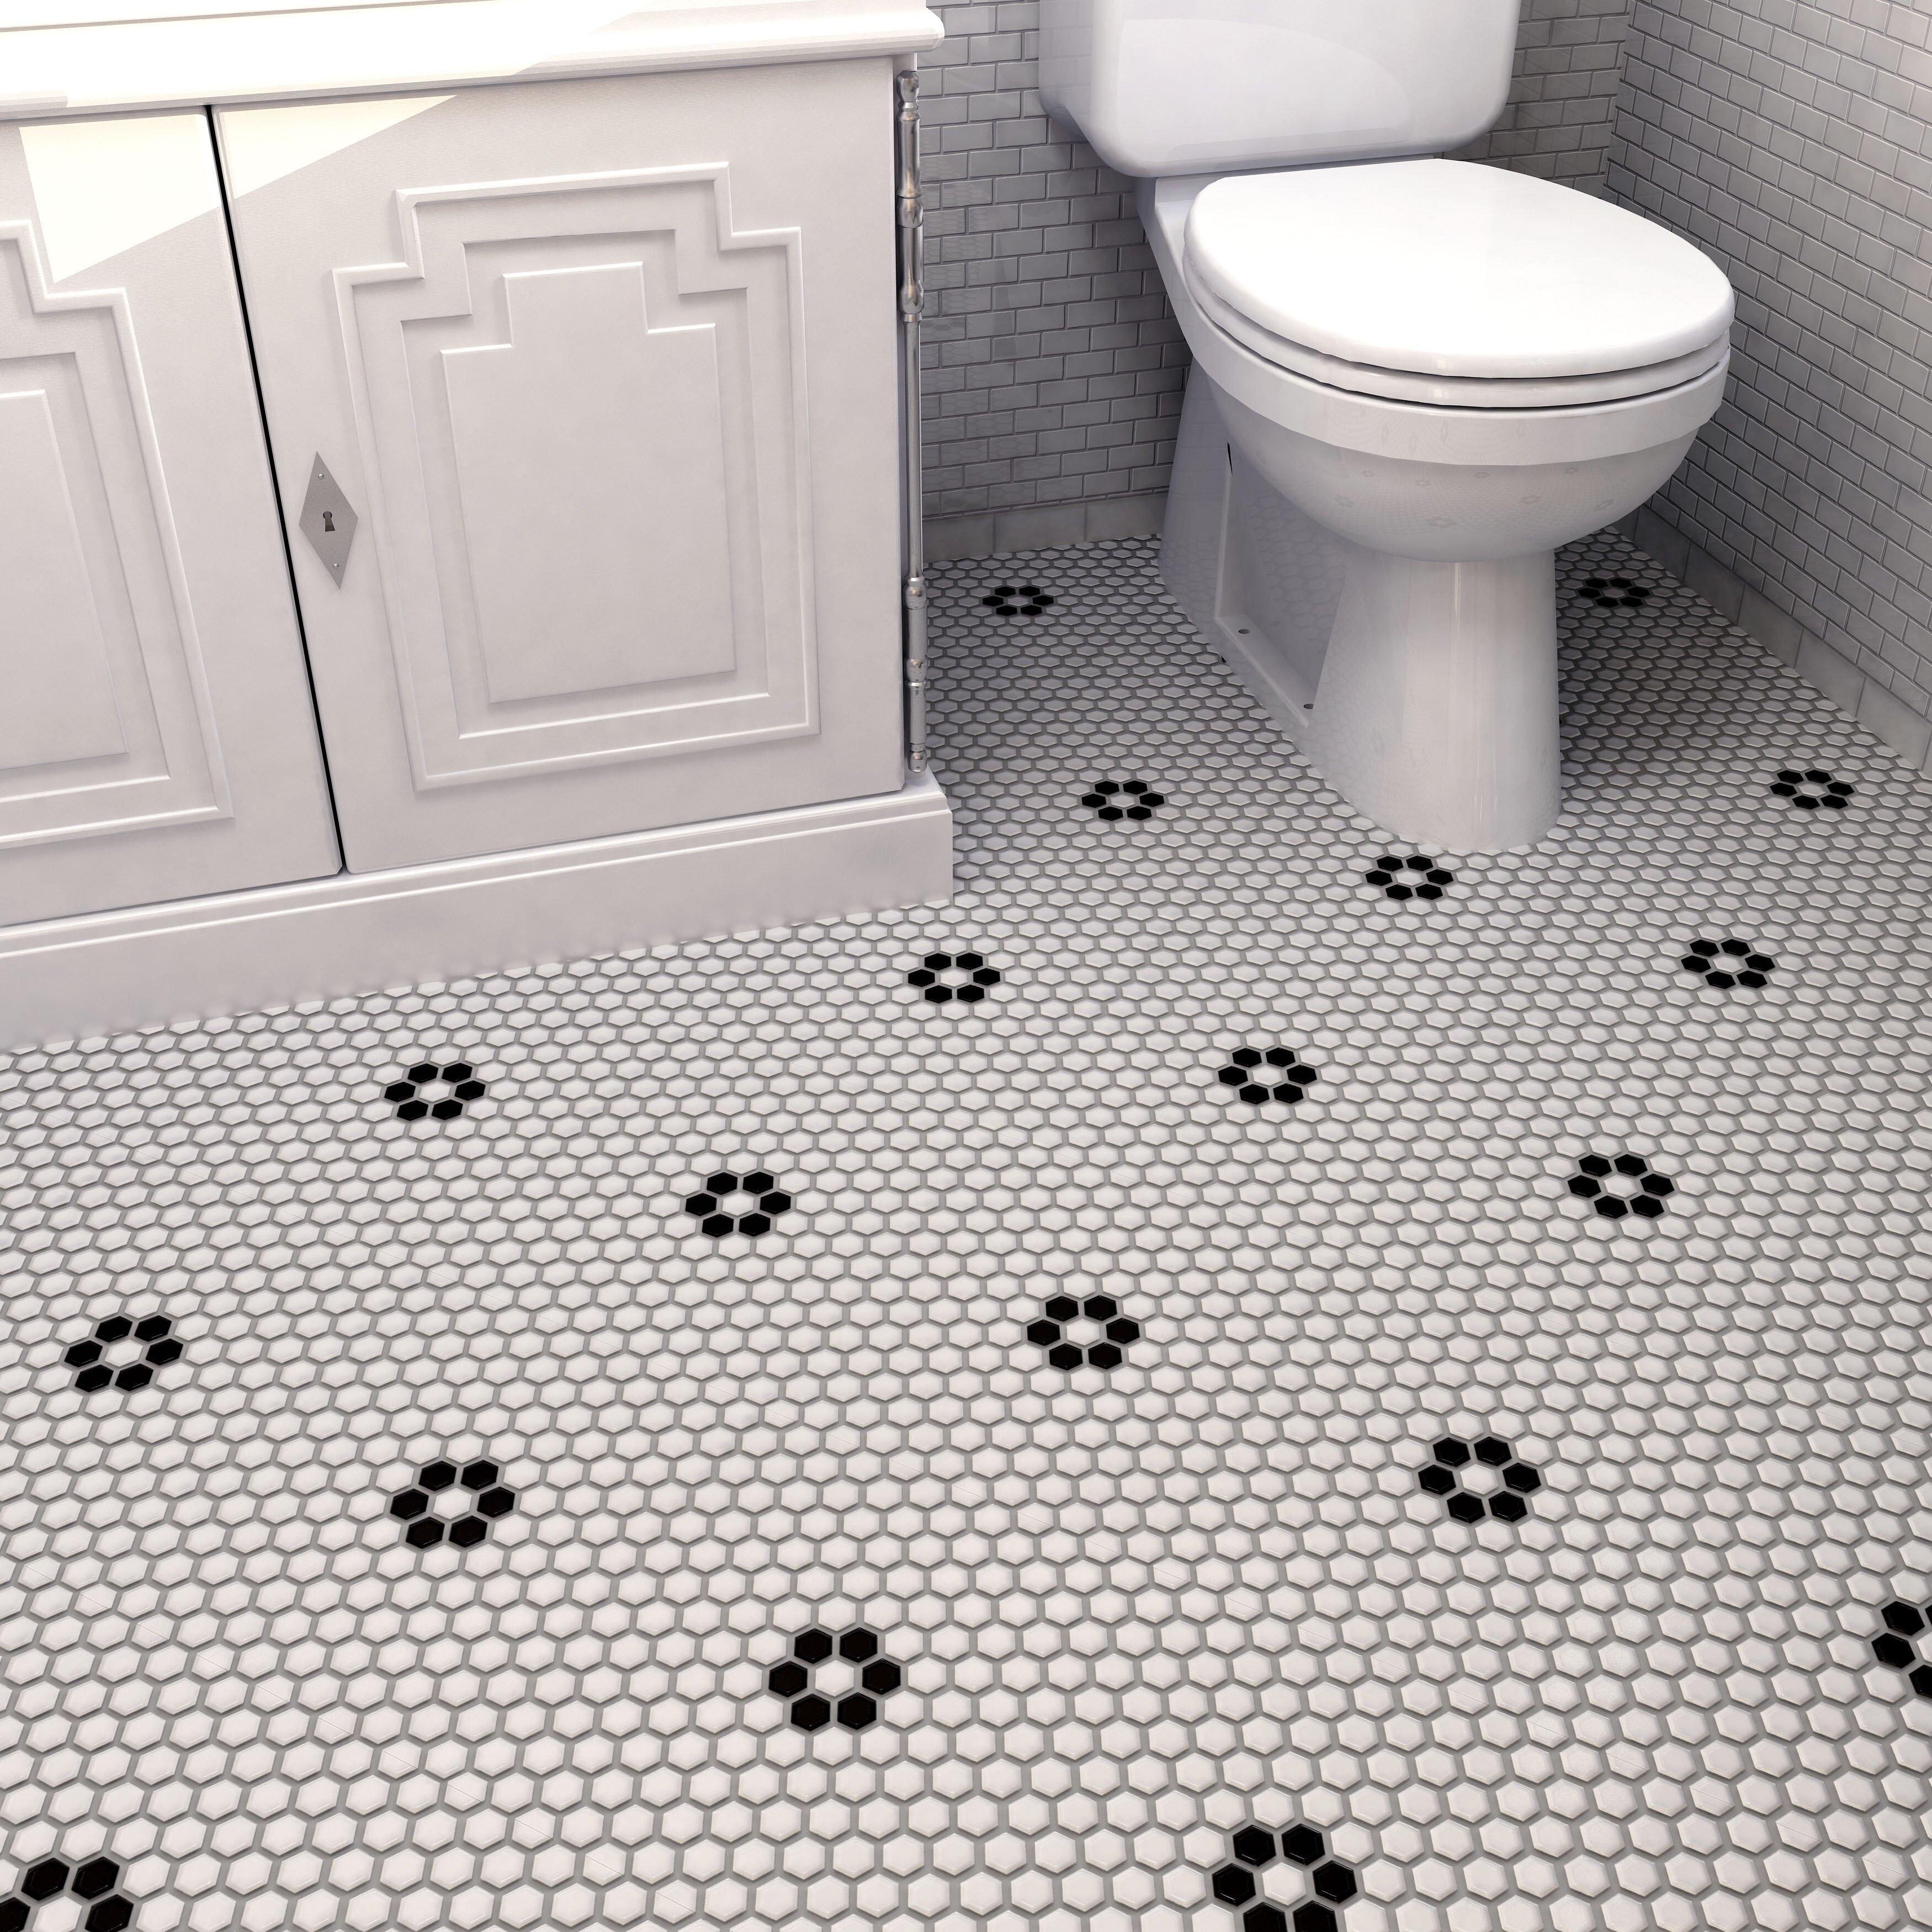 Elitetile Retro 0 875 Quot X 0 875 Quot Hex Porcelain Mosaic Tile